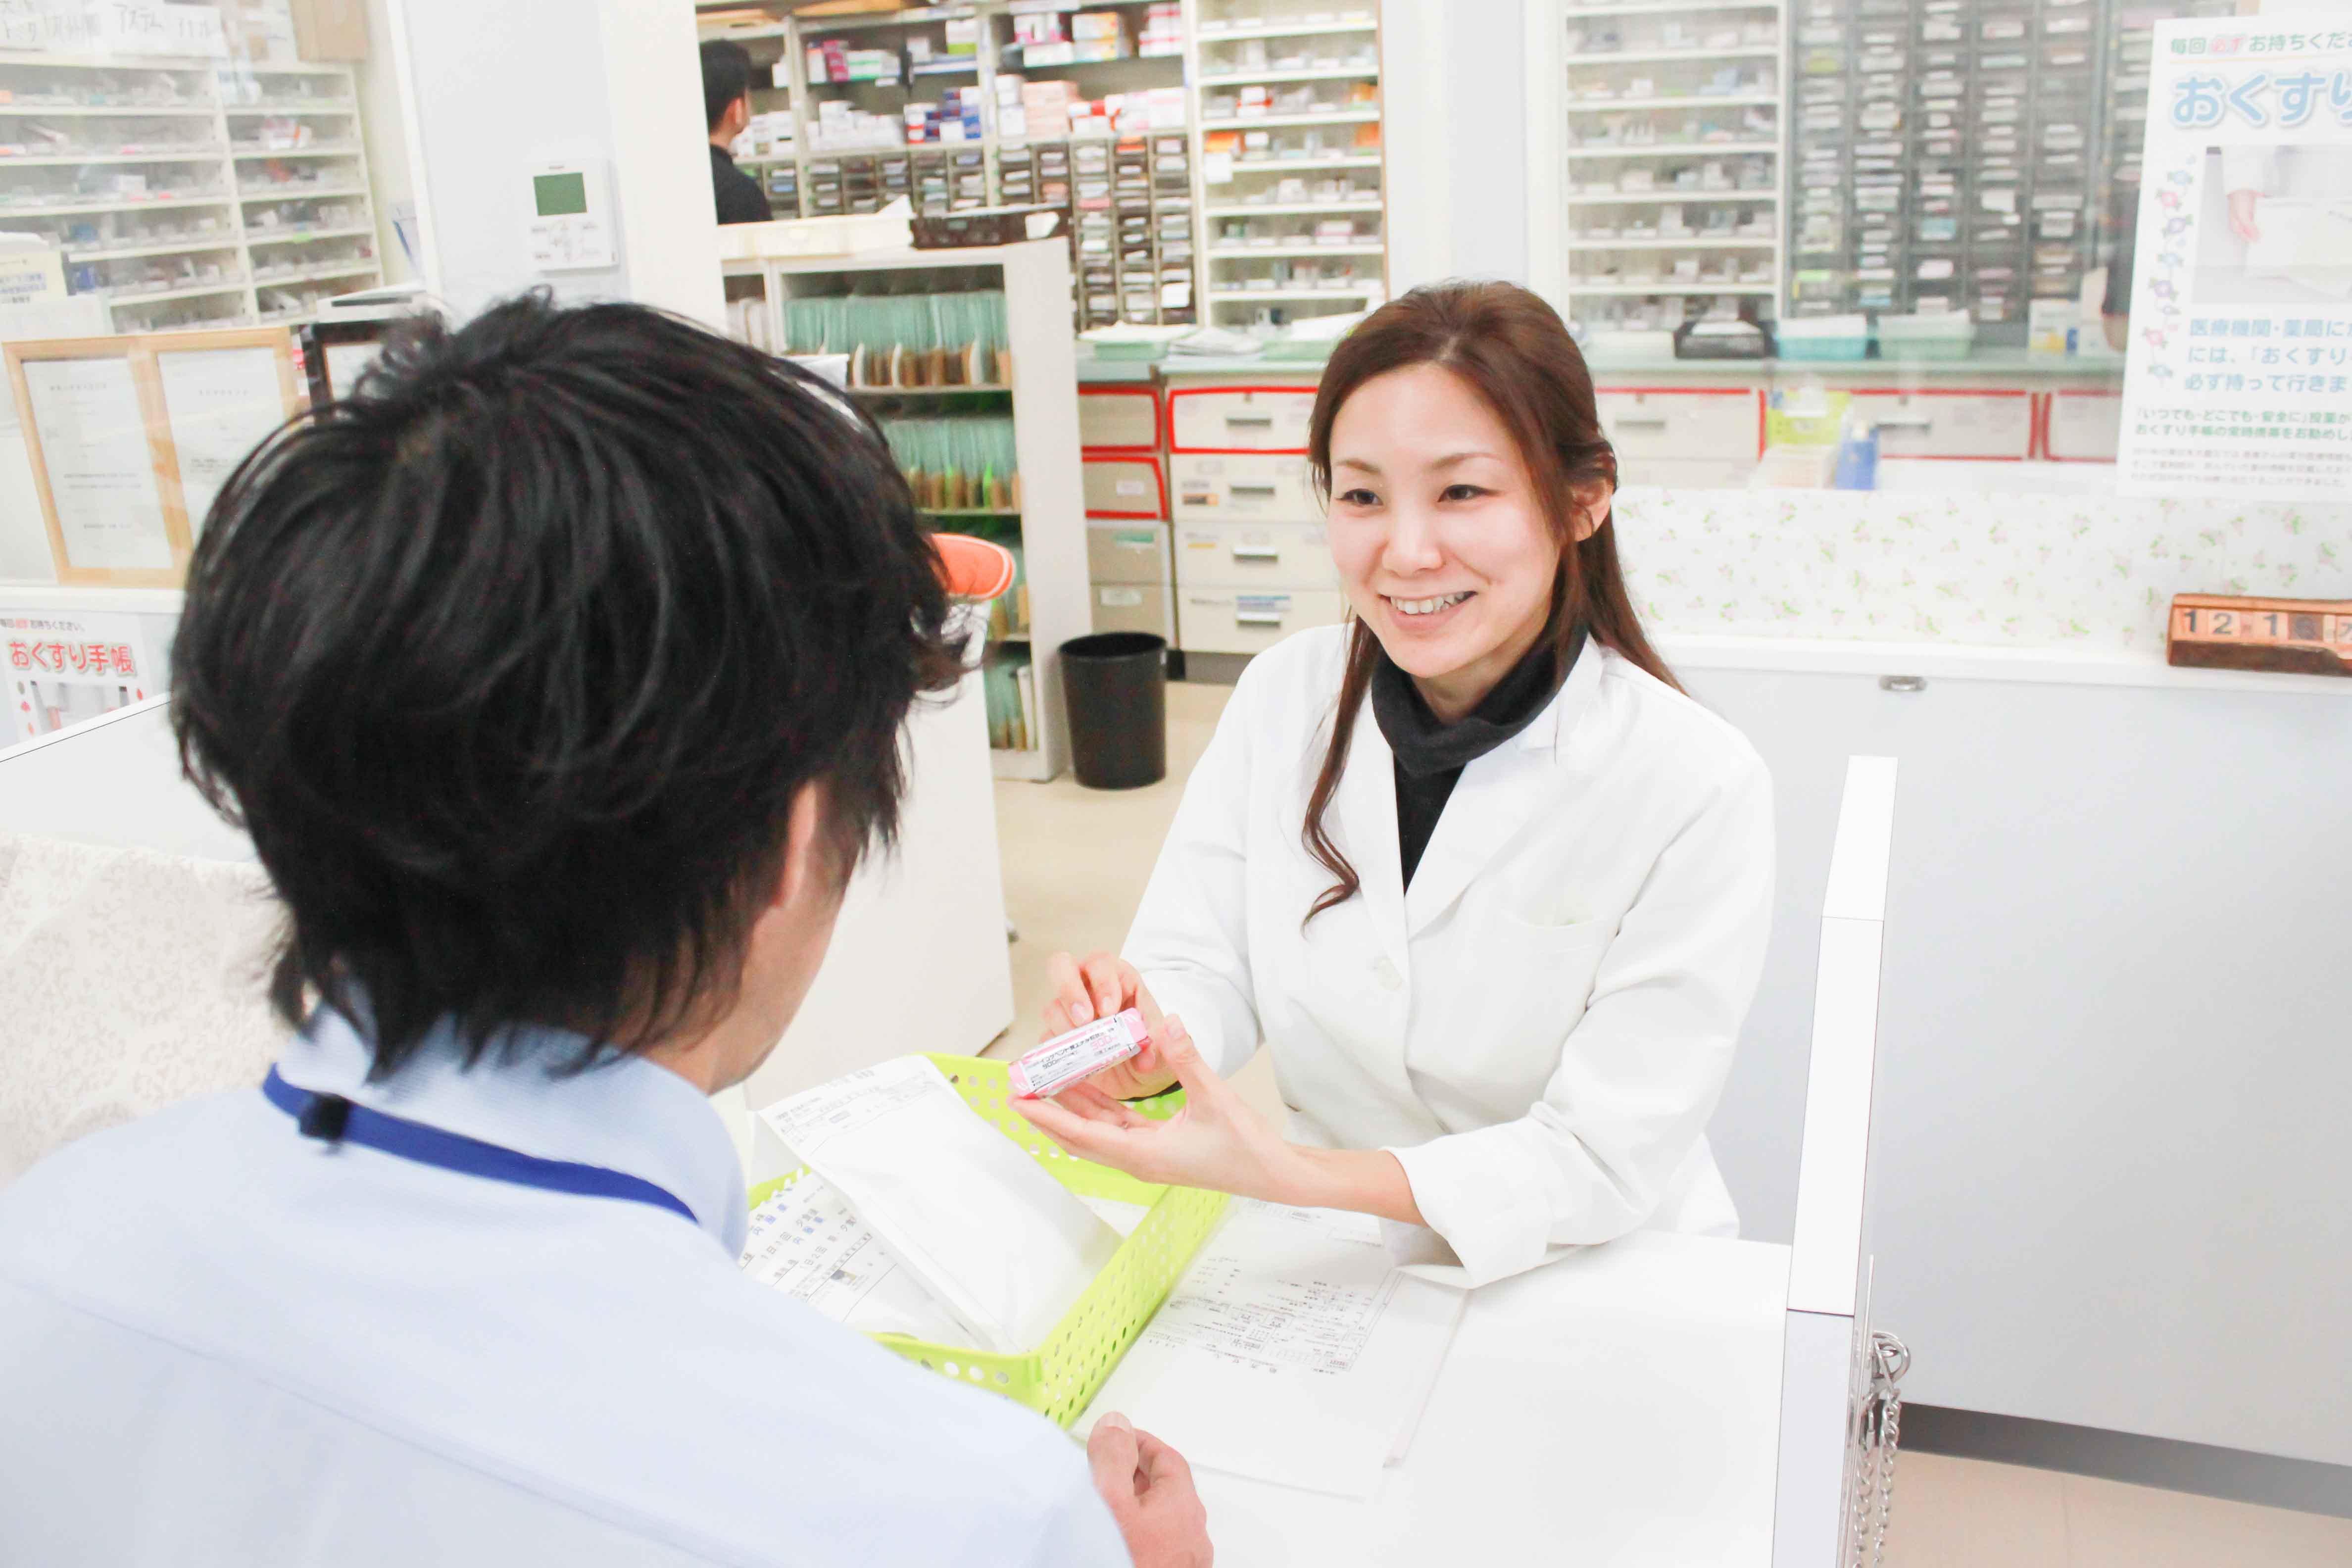 総合病院の近くにあるアットホームな調剤薬局。薬剤師募集!